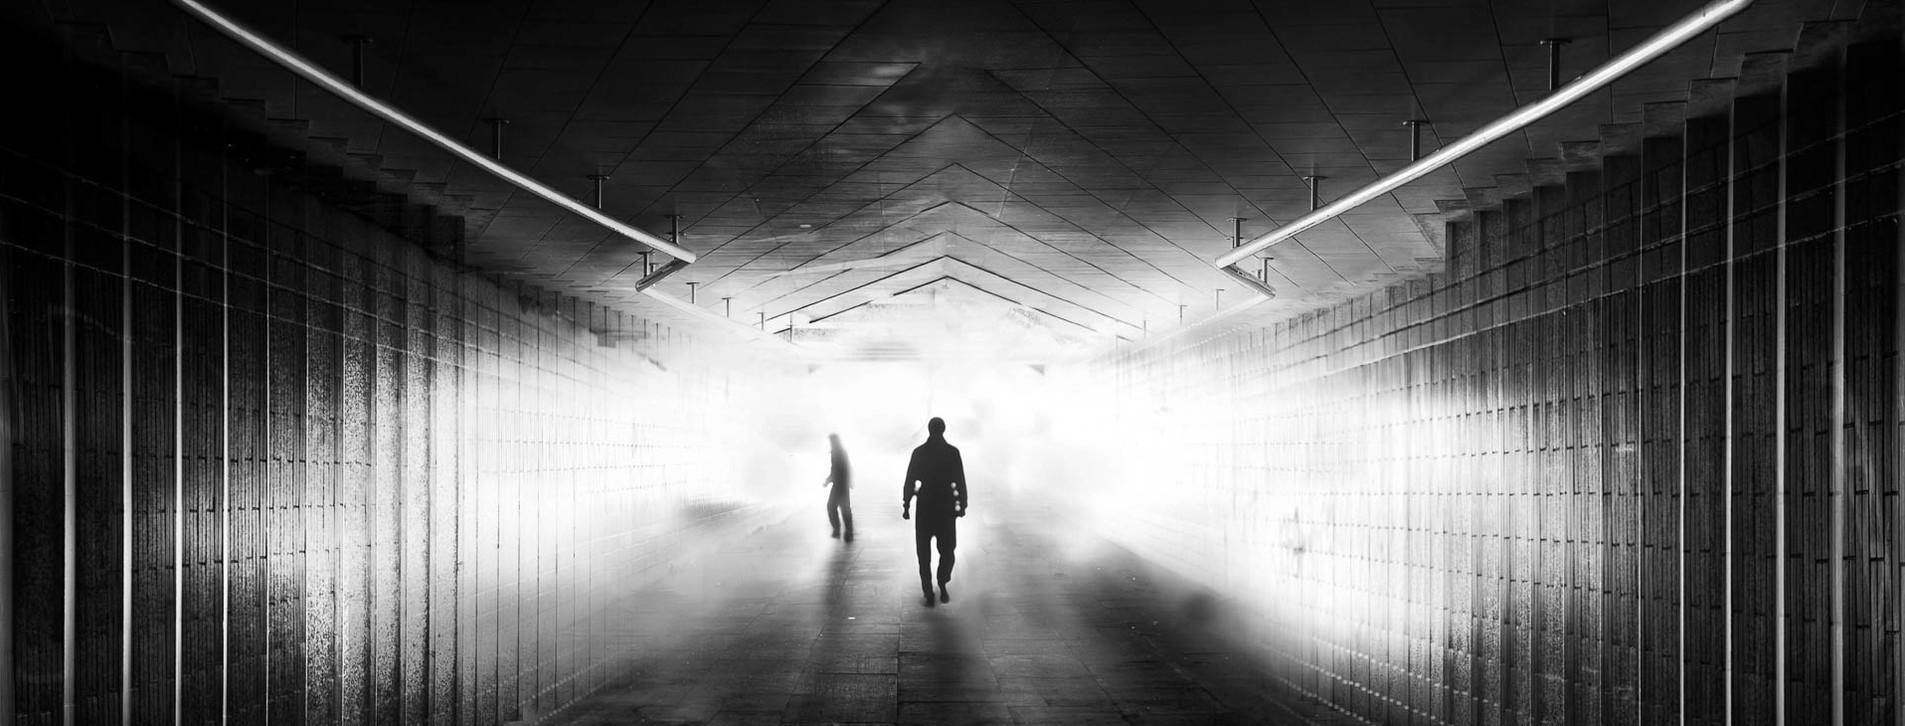 Фото - Квест у темряві для друзів